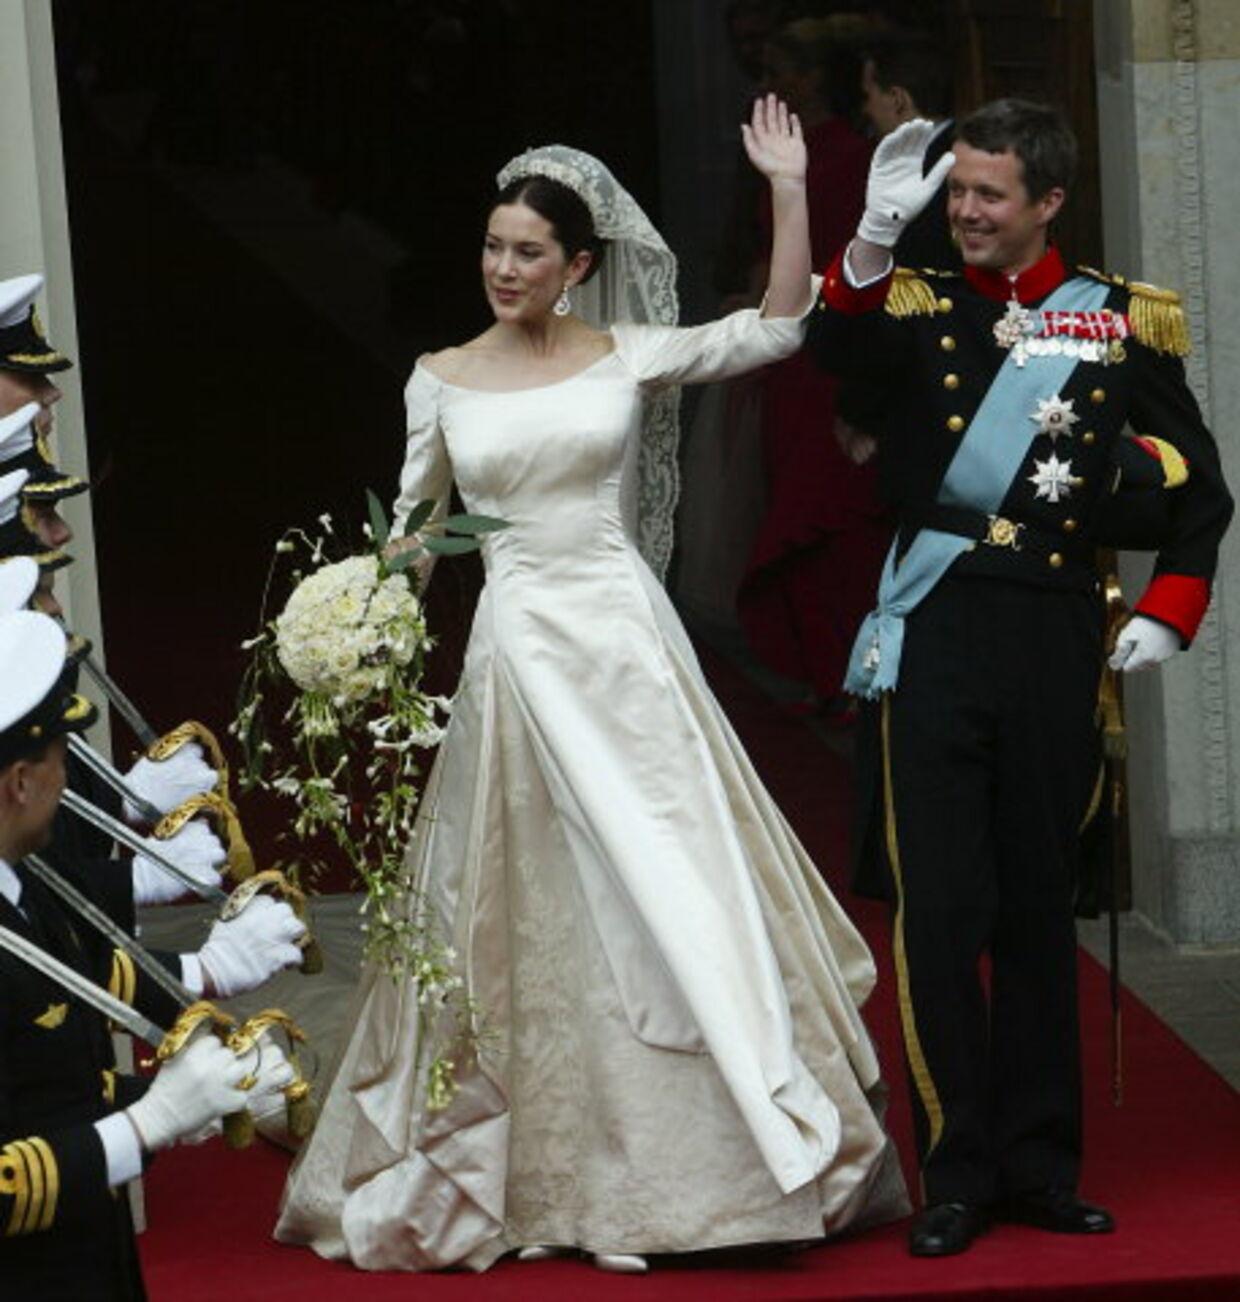 Marys kjole kunne tænde drømmen om prinsesselivet - selv hos voksne kvinder. Det har taget mellem 300-350 arbejdetimer at sy kjolen. Kronprinsesse Marys brudekjole er en enkel, svagt gyldenrosa brudekjole i silkeduchesse med stor bådudskæring, blondekniplinger og seks meter langt slæb, fortæller kreatøren - kjolen er syet i lange paneler, der åbner sig 10 cm fra livet. Mellem panelerne kan man se de 100 år gamle irske kniplinger, der stammer fra nonnerne i Connaught. Foto: Keld Navntoft